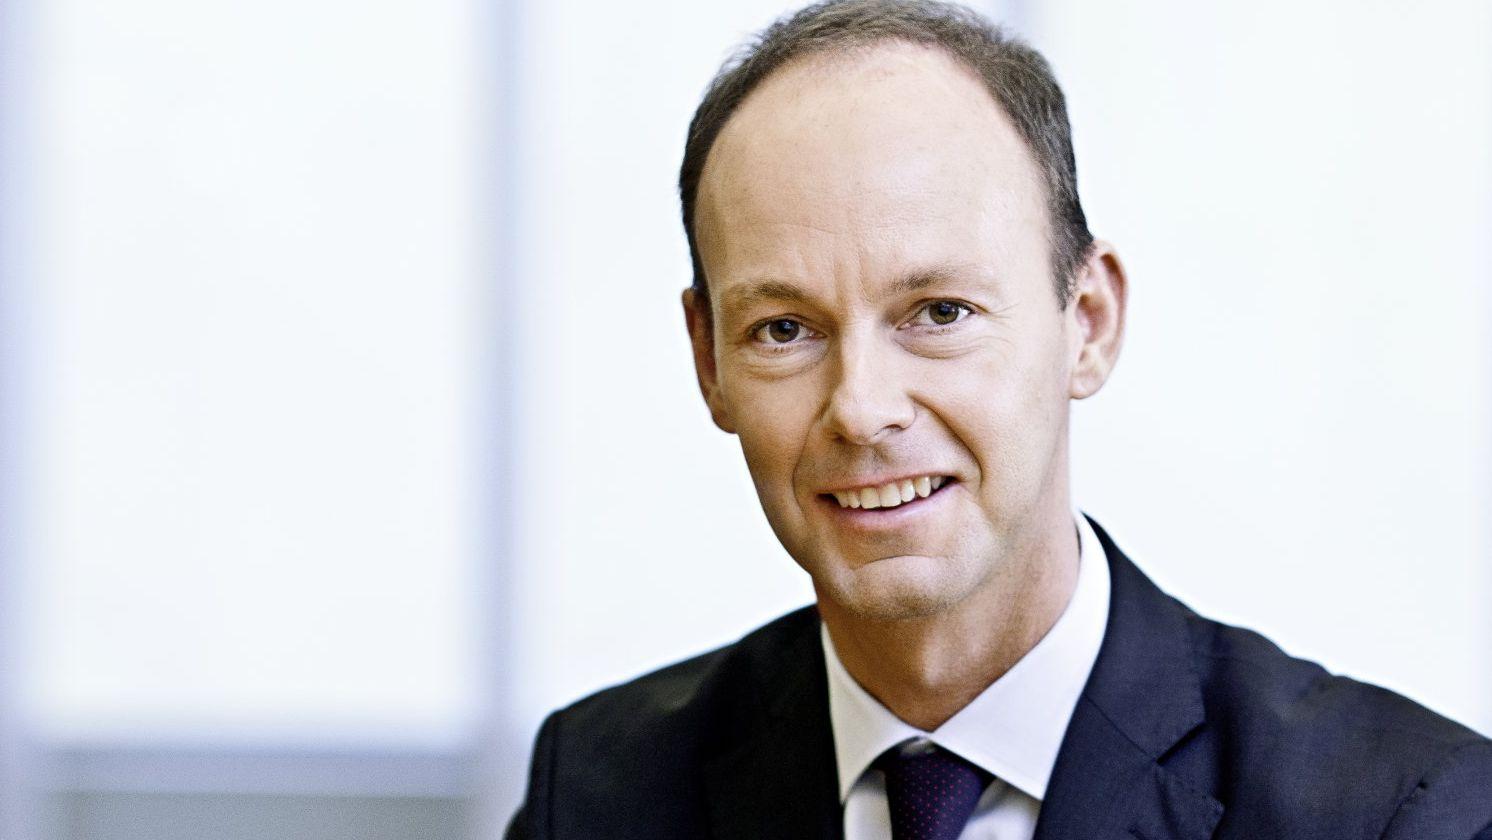 HORIZONT Standpunkt: Warum Thomas Rabe mit seinem Aufruf zur TV-Deregulierung Recht hat